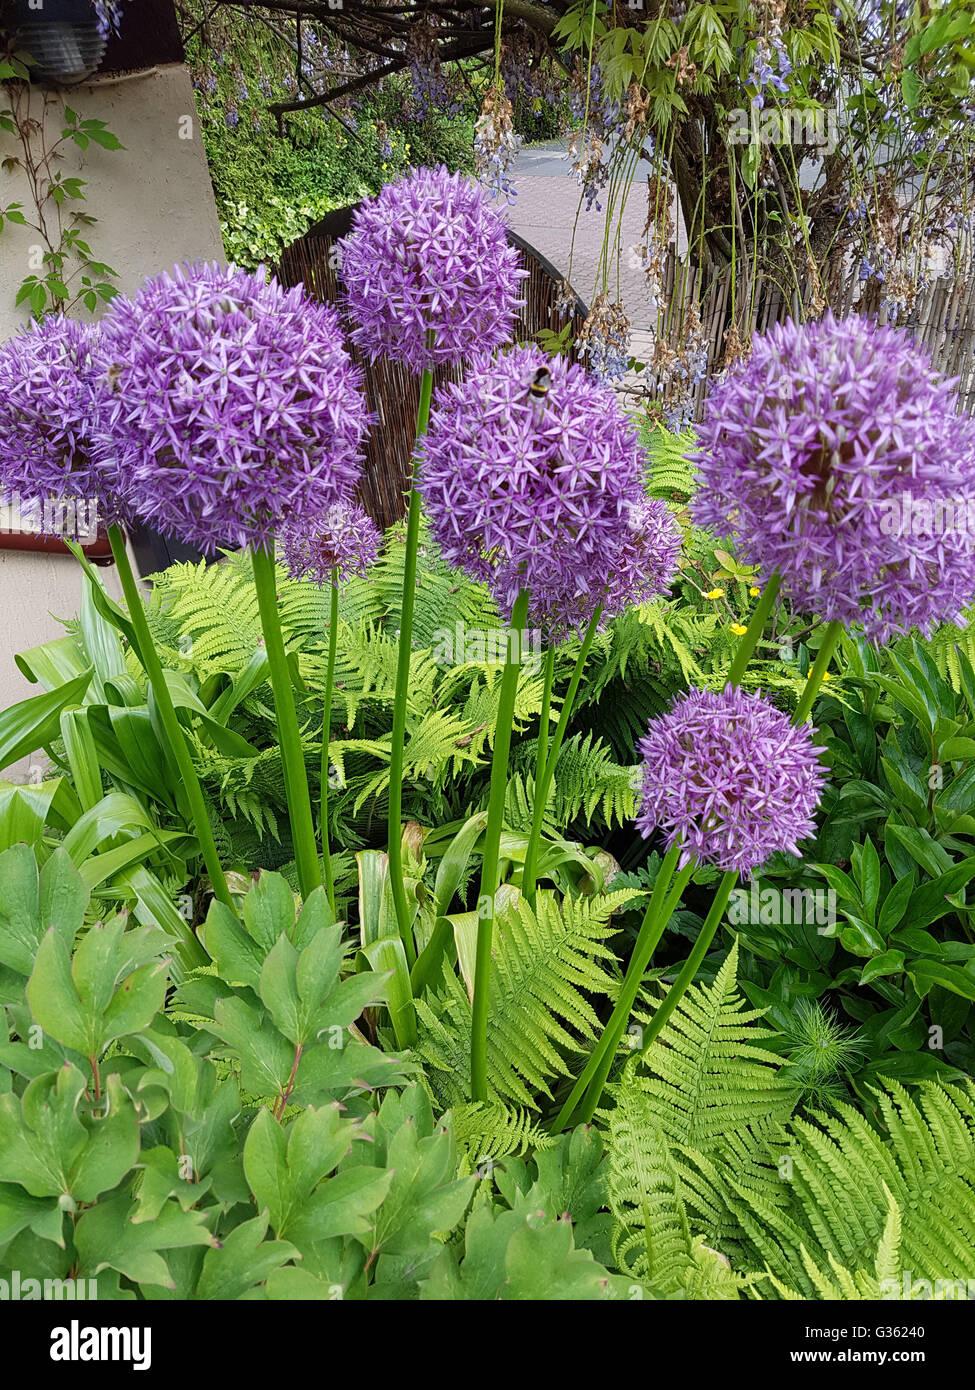 Zierlauch, Riesenlauch, Allium, Giganteum - Stock Image